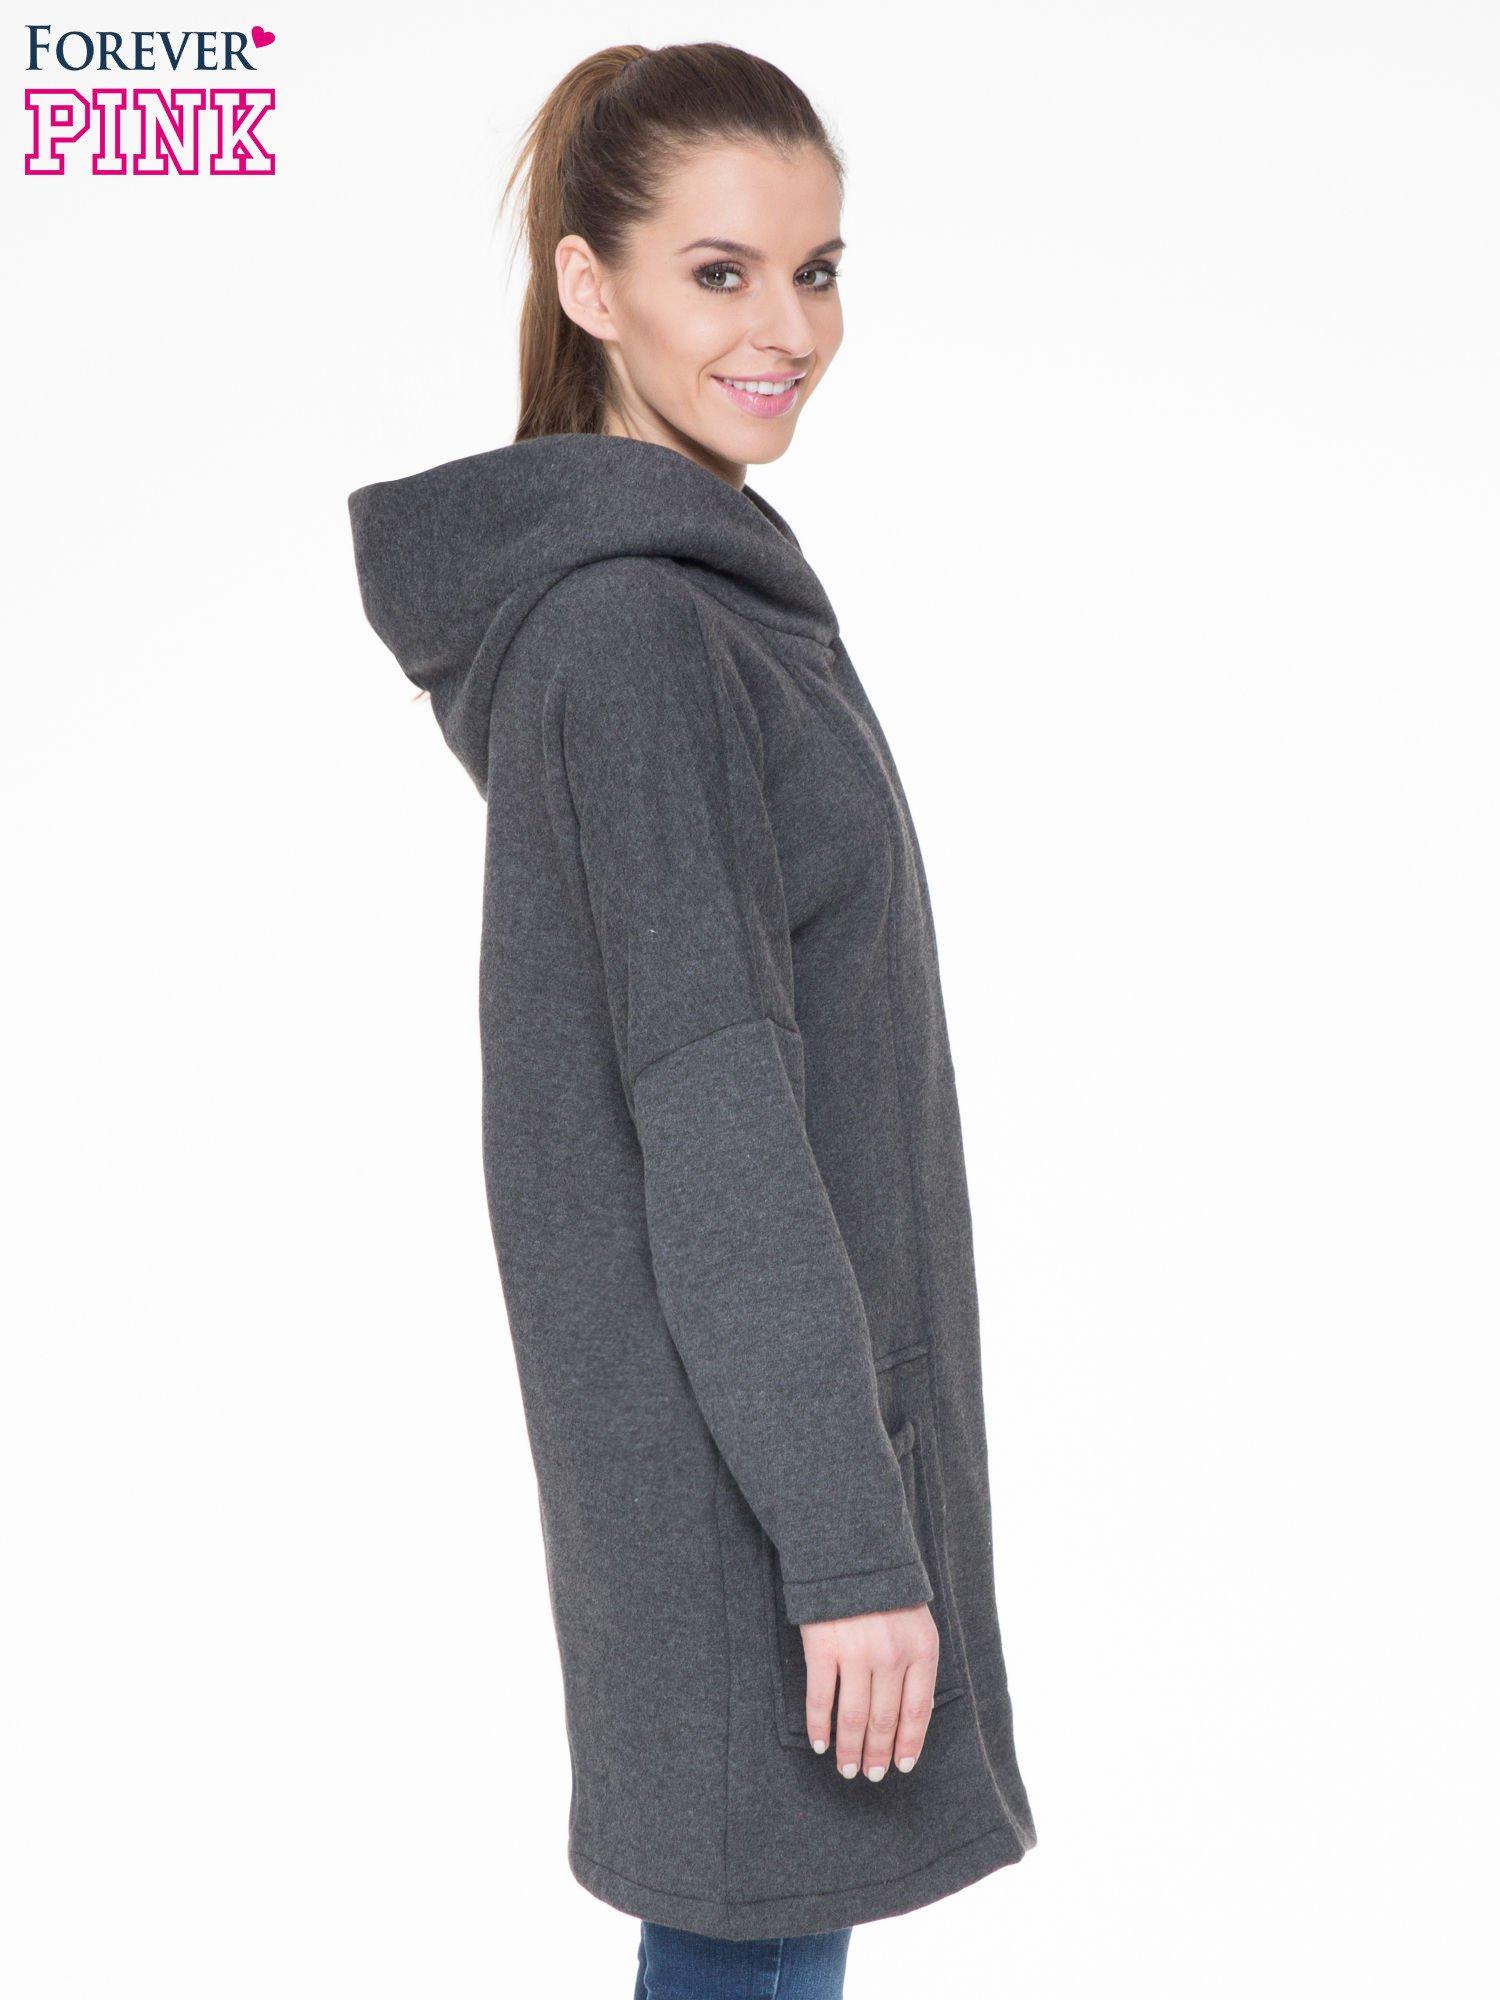 Ciemnoszary dresowy płaszcz z kapturem i kieszeniami                                  zdj.                                  3